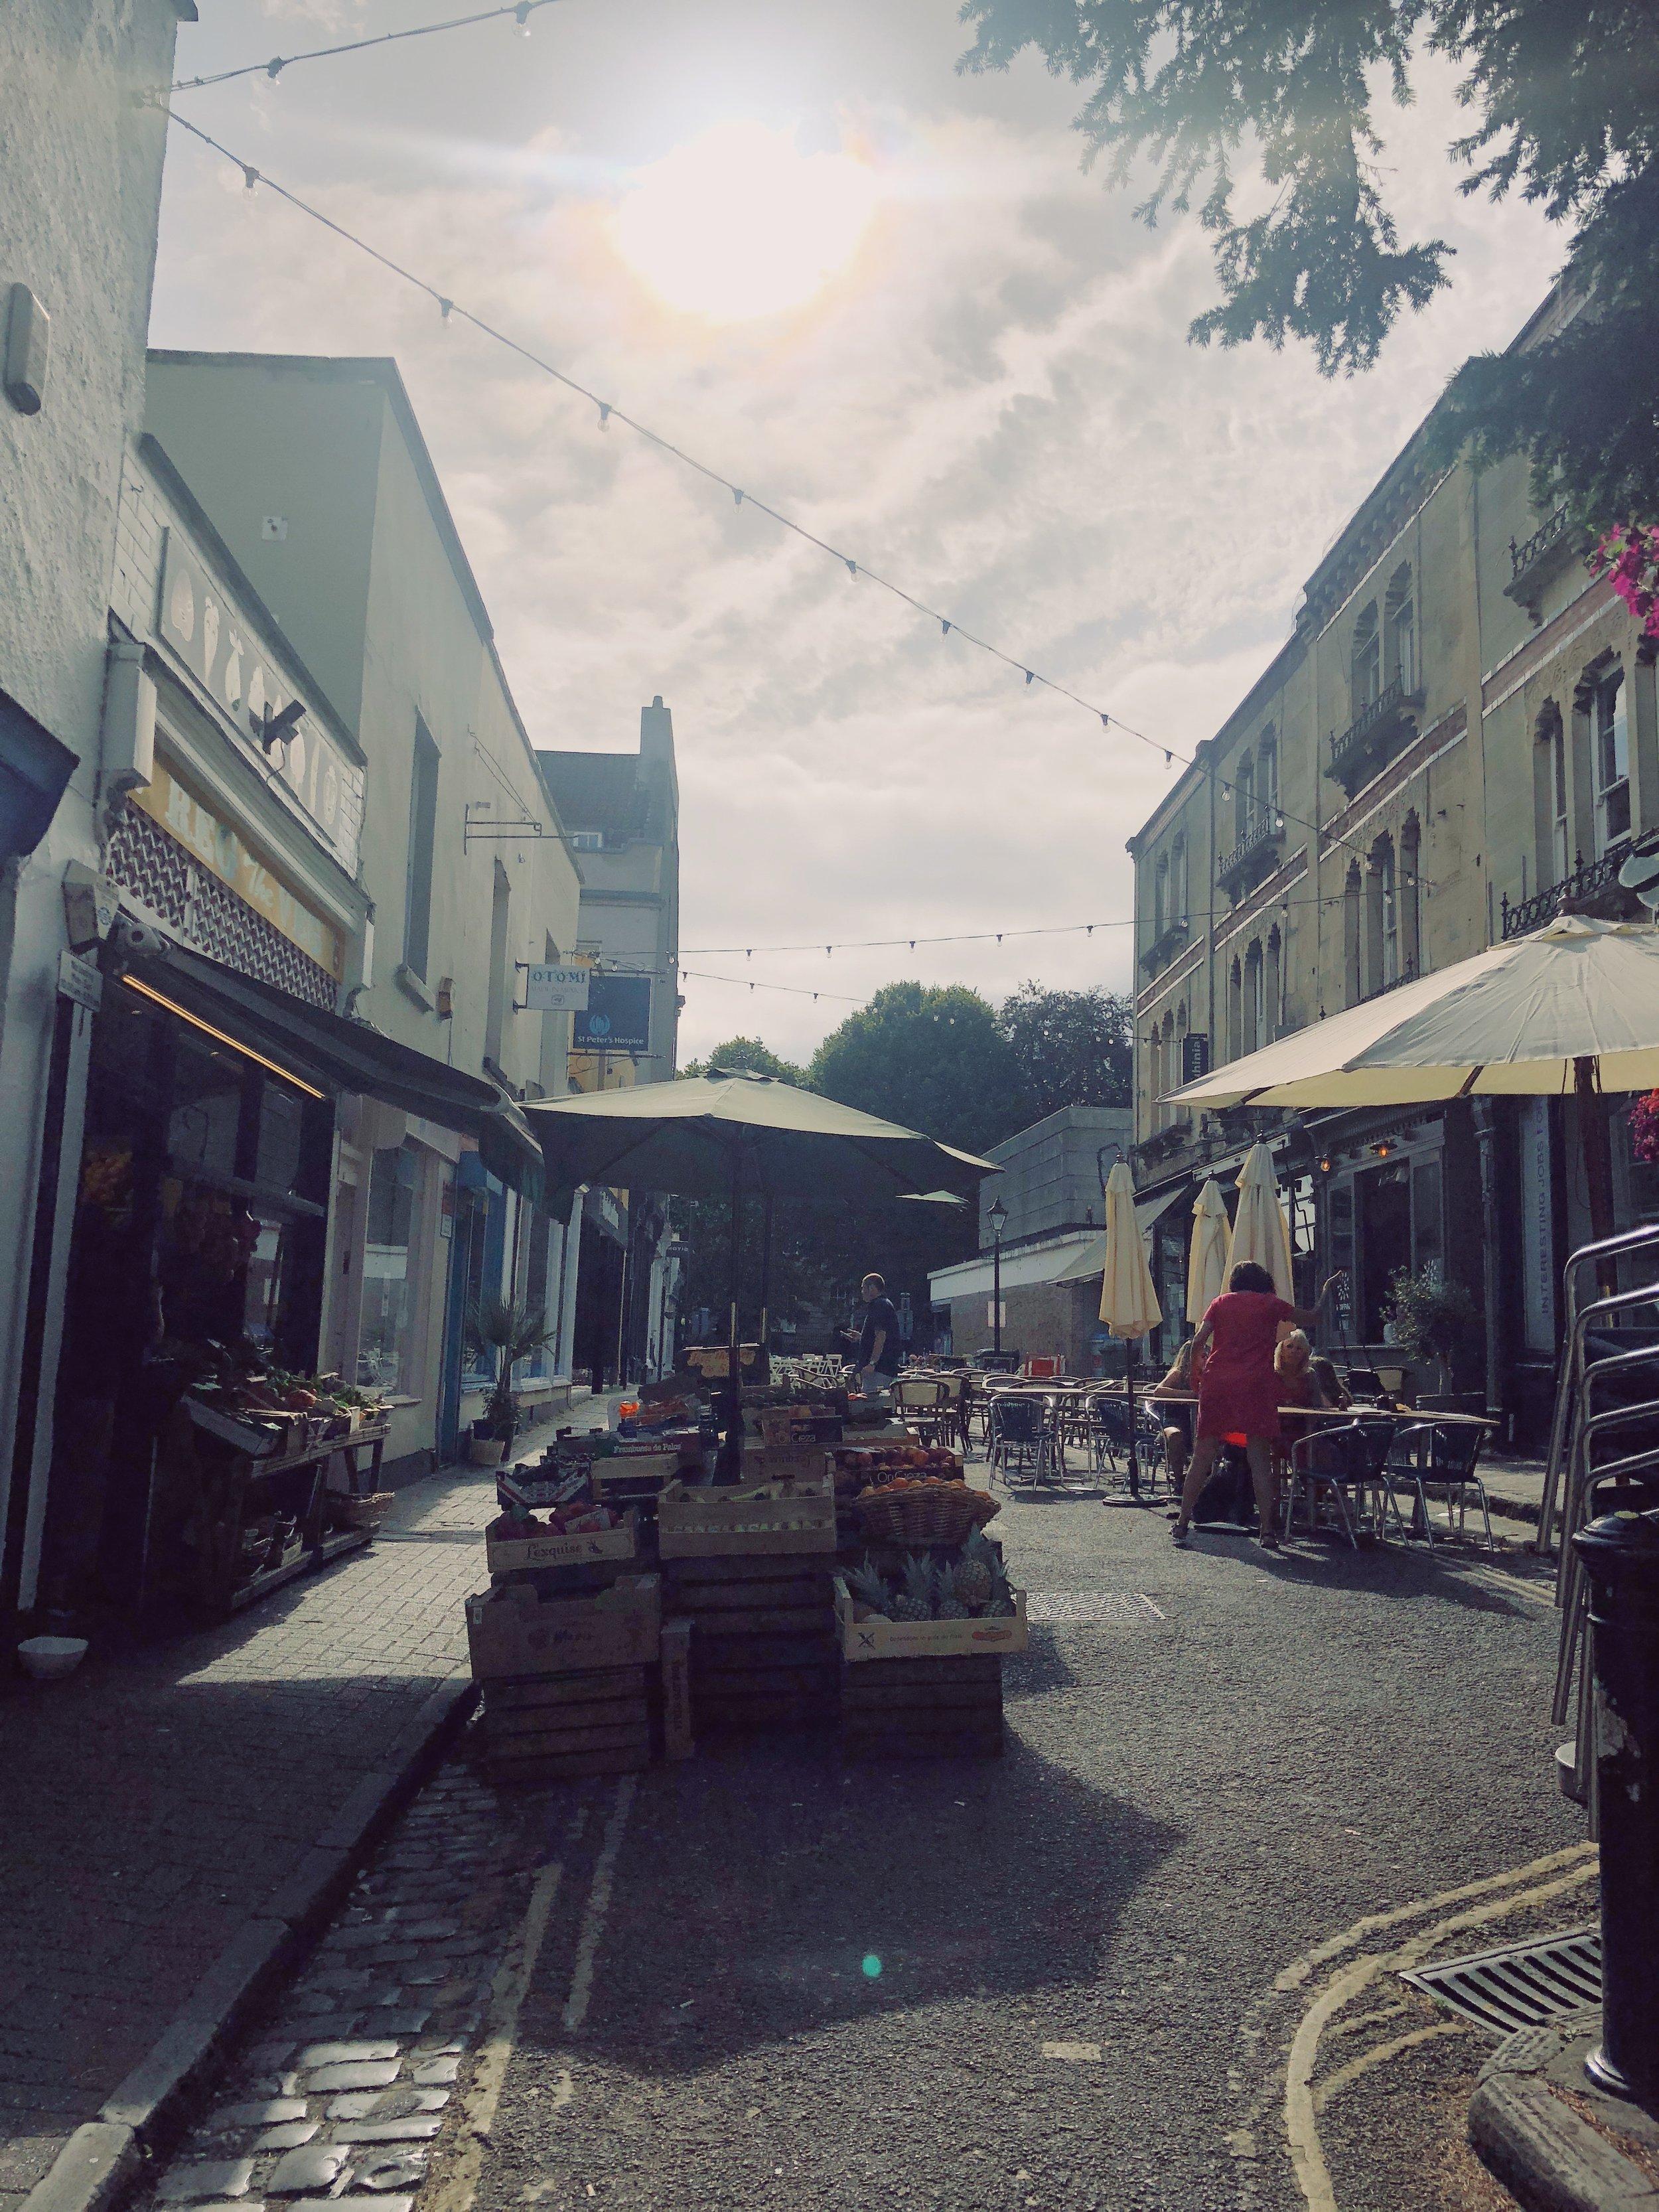 Fruit & Veg shop outside the Arcades